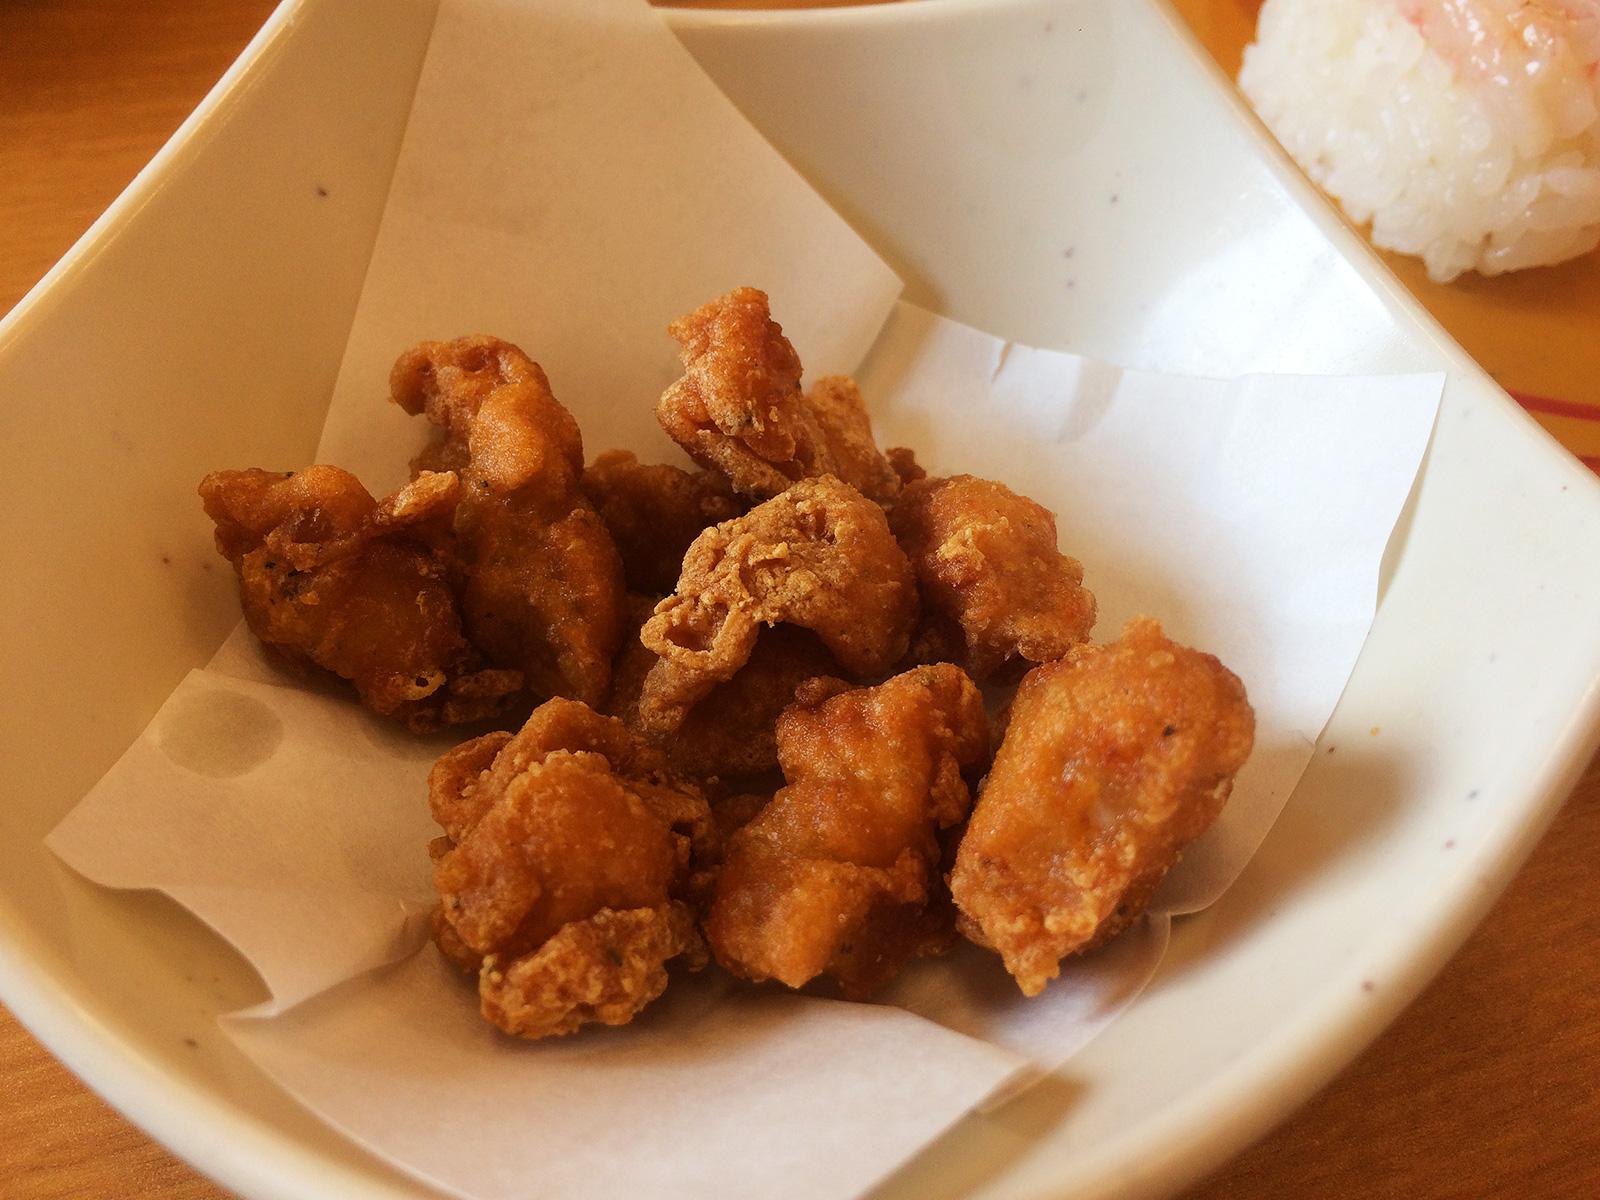 「スシロー清須古城店」の炙りメカジキ焦がし醤油やお寿司いろいろ @西枇杷島